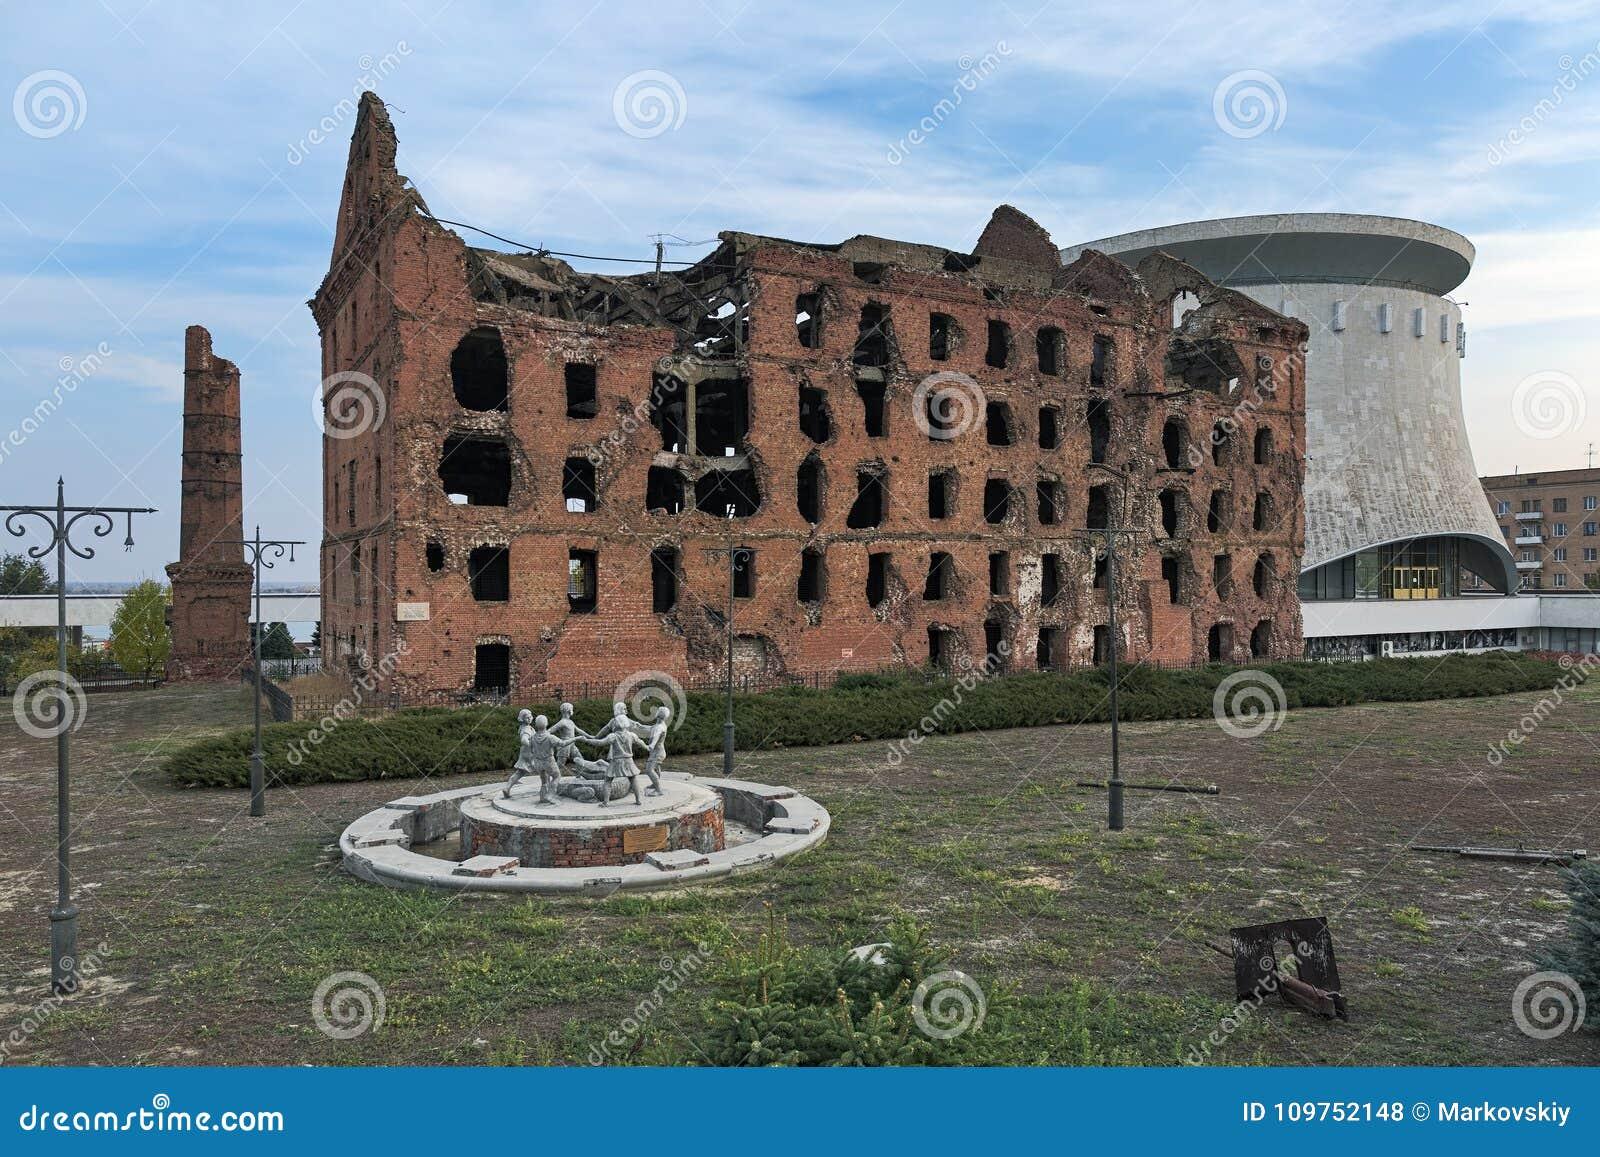 Ruined mill of Gergardt in Volgograd 98